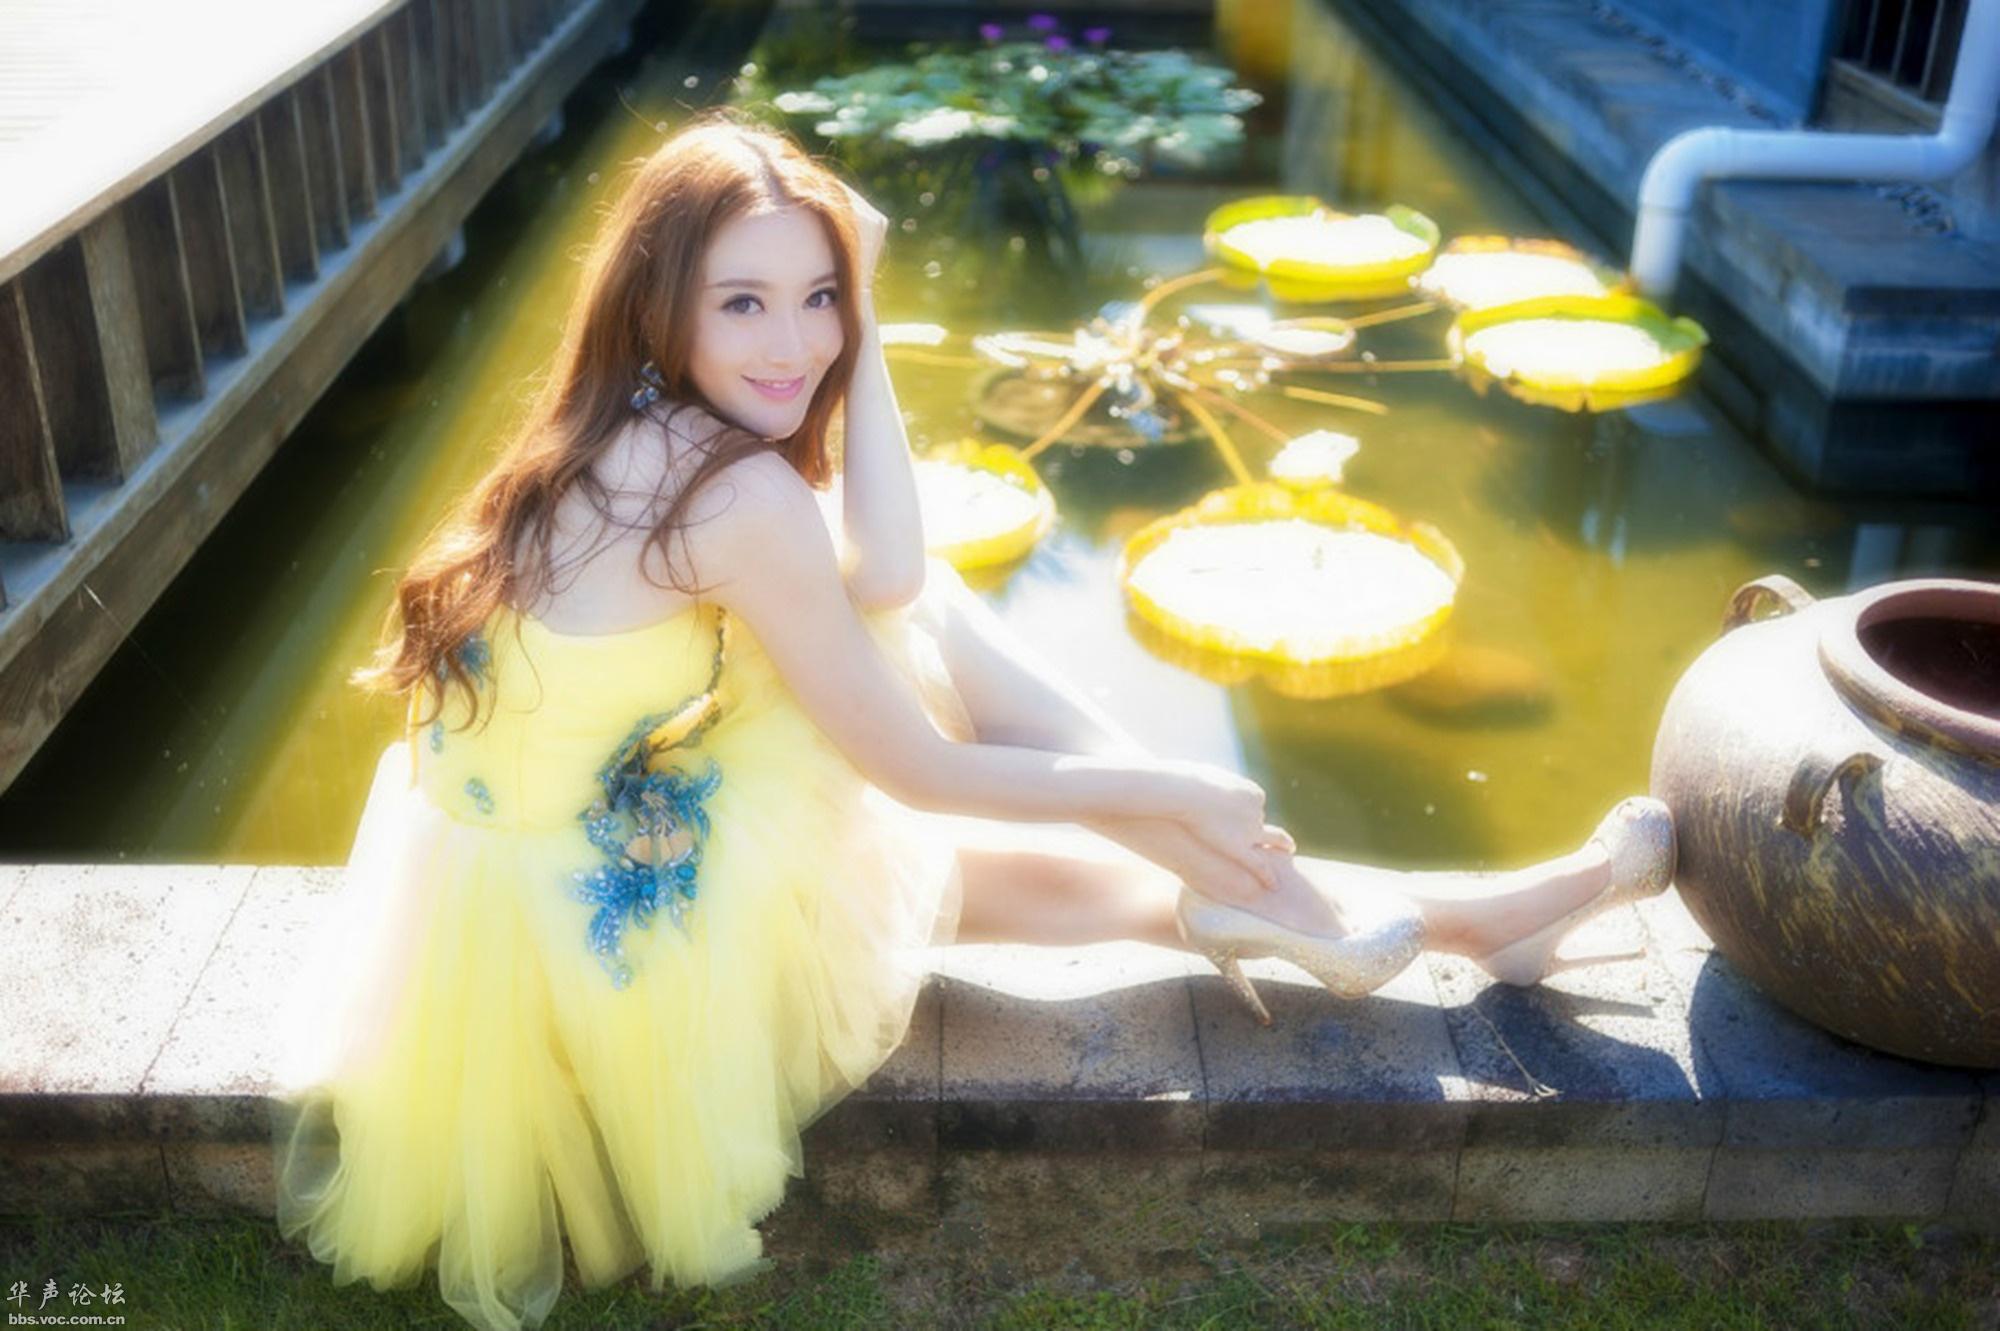 丽人黄裙  淡雅清新 - 花開有聲 - 花開有聲